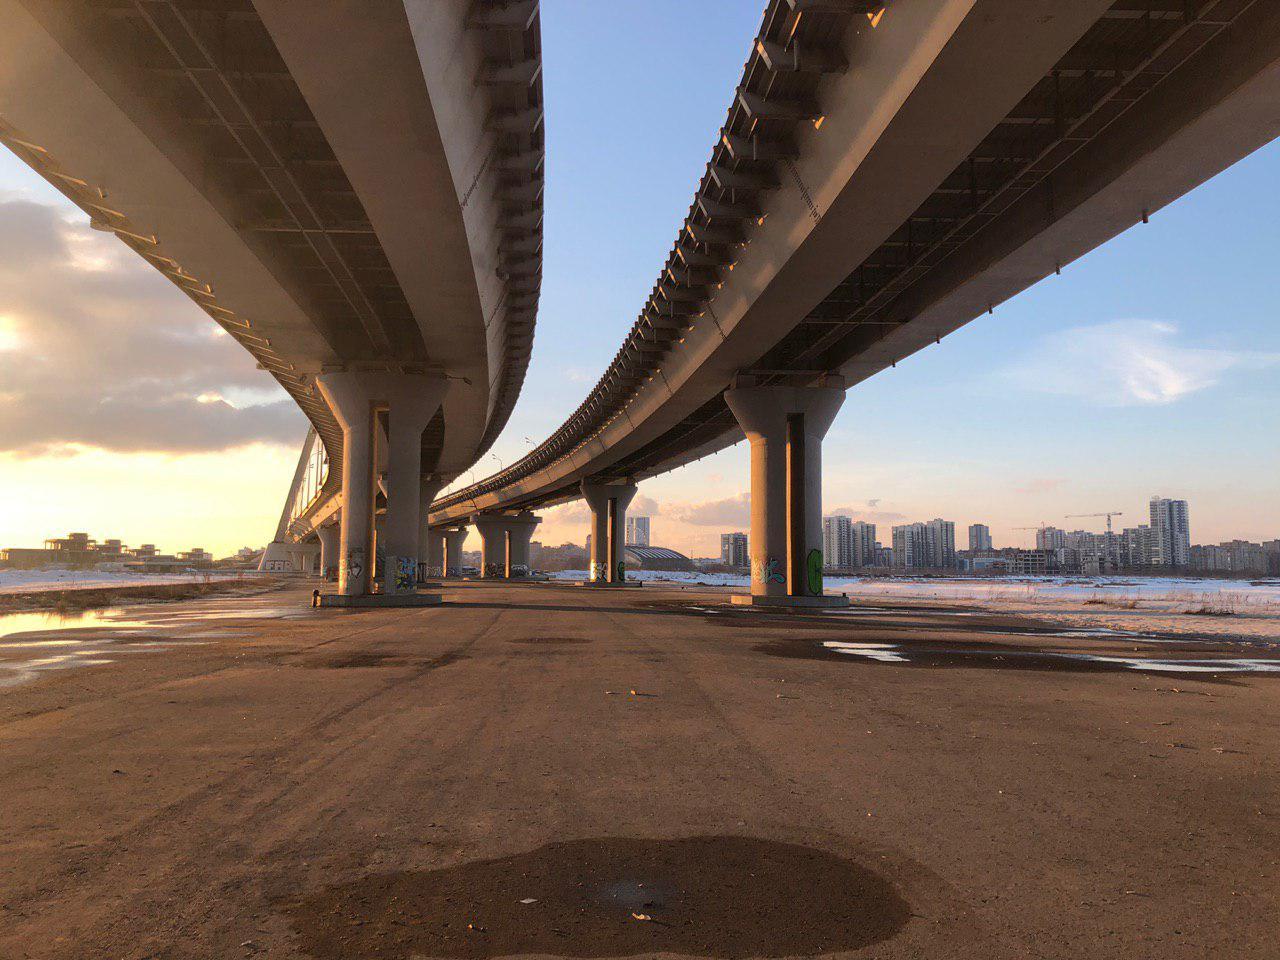 где фотографии из под моста цвет